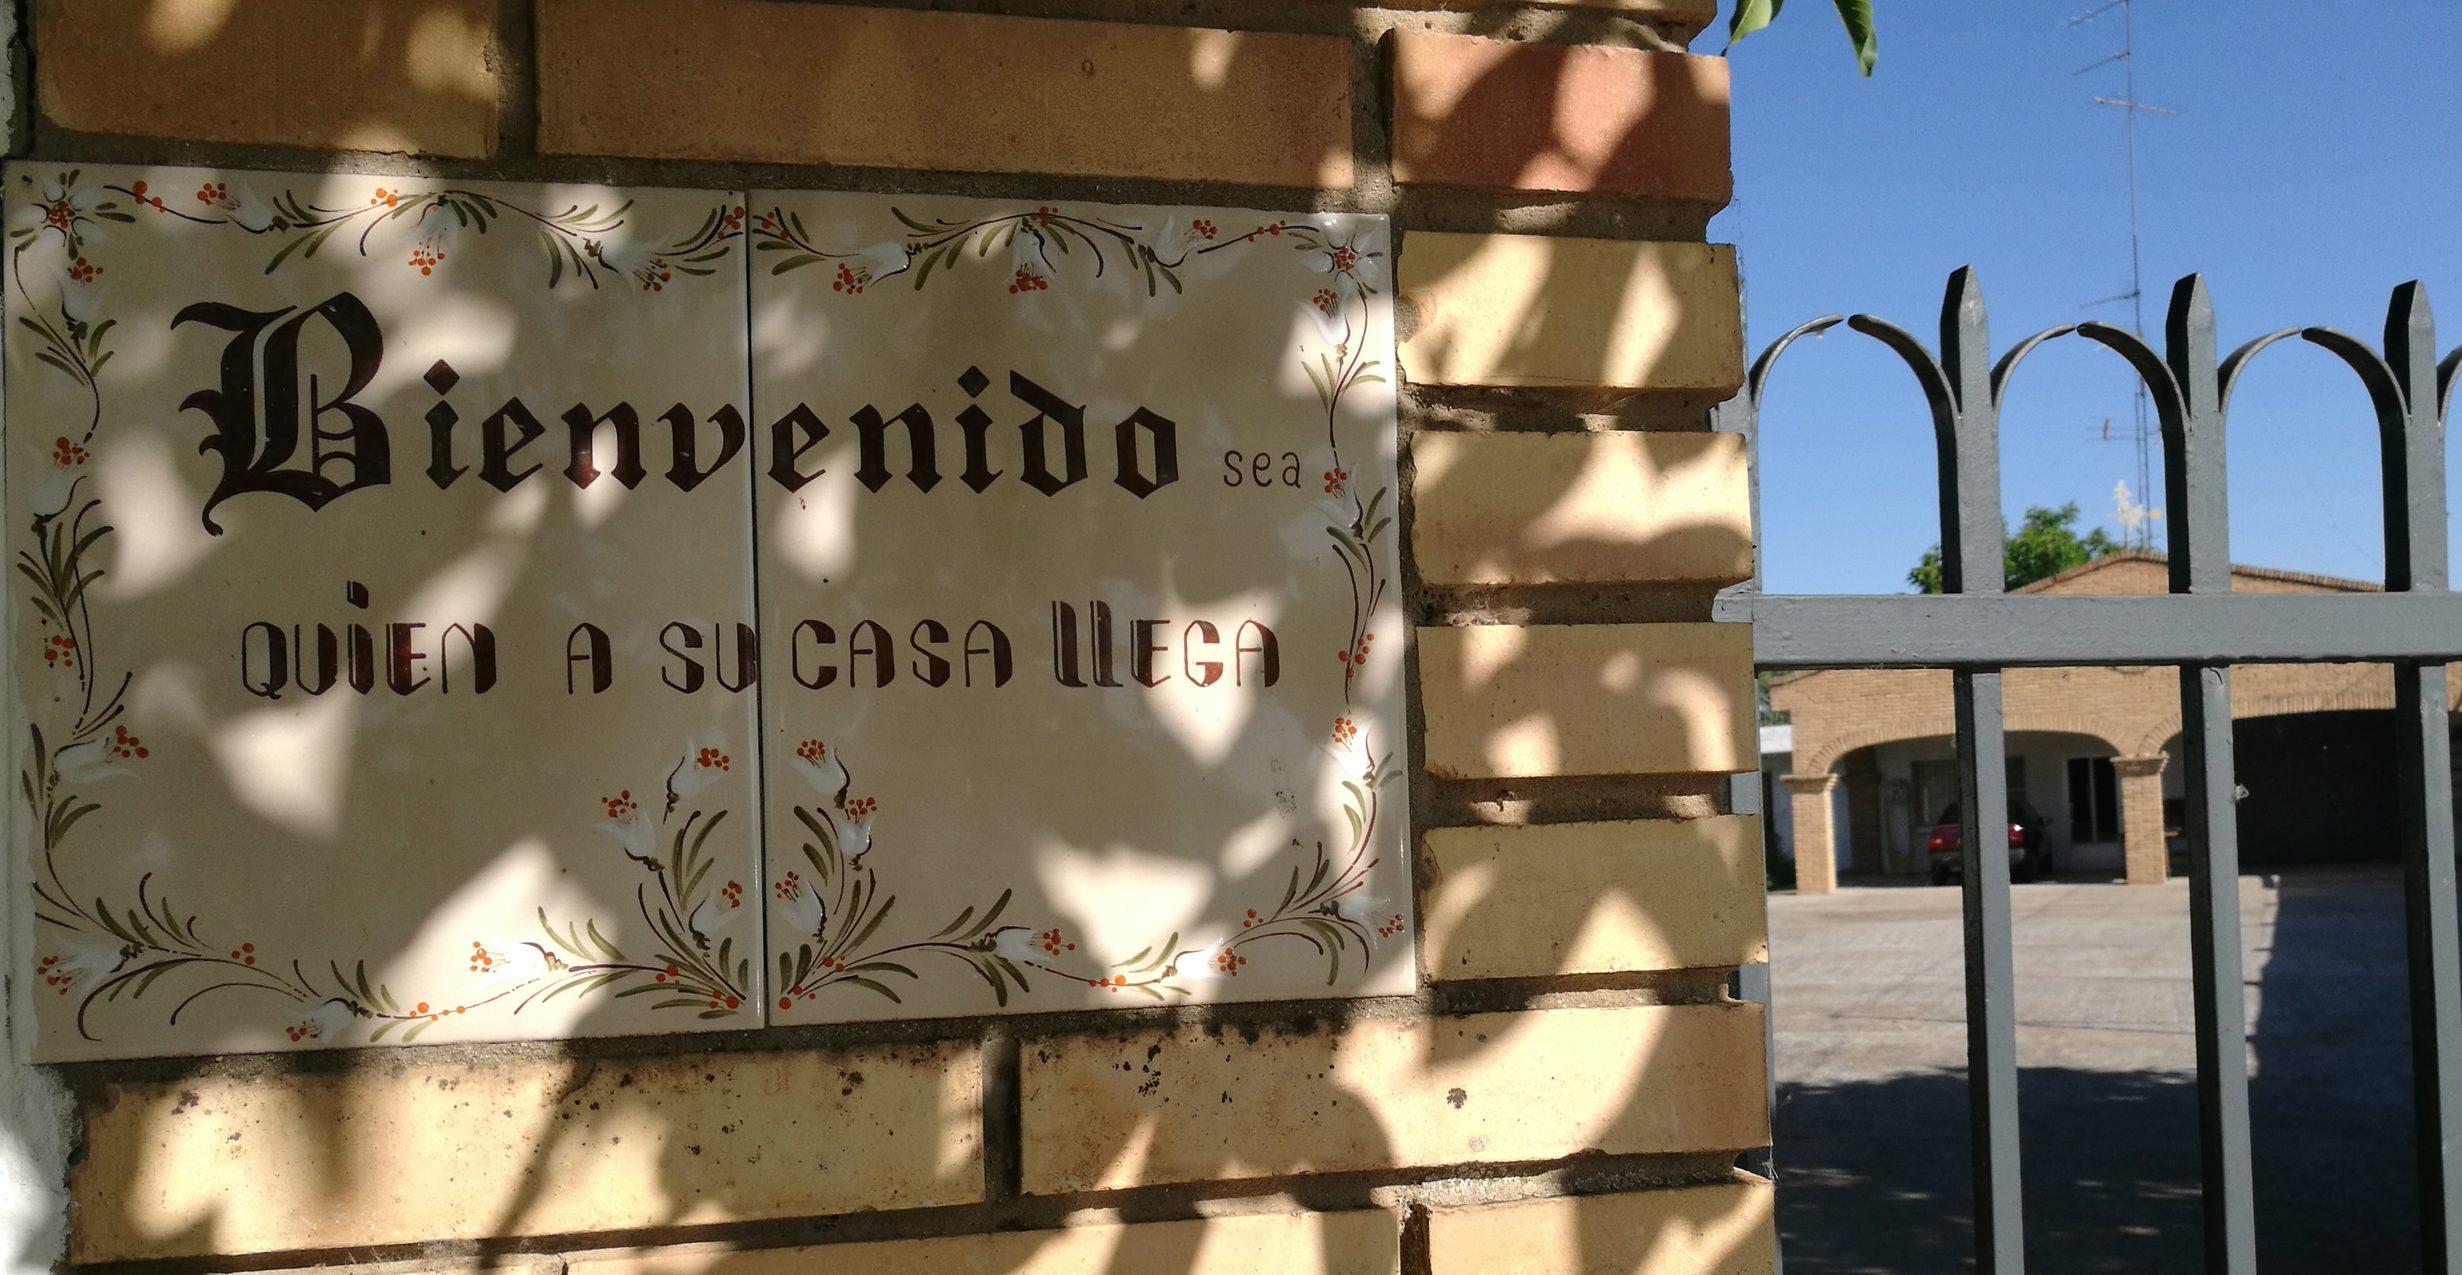 http://www.fincabienvenido.com/wp-content/uploads/2016/09/bienvenido-e1495782311350.jpg